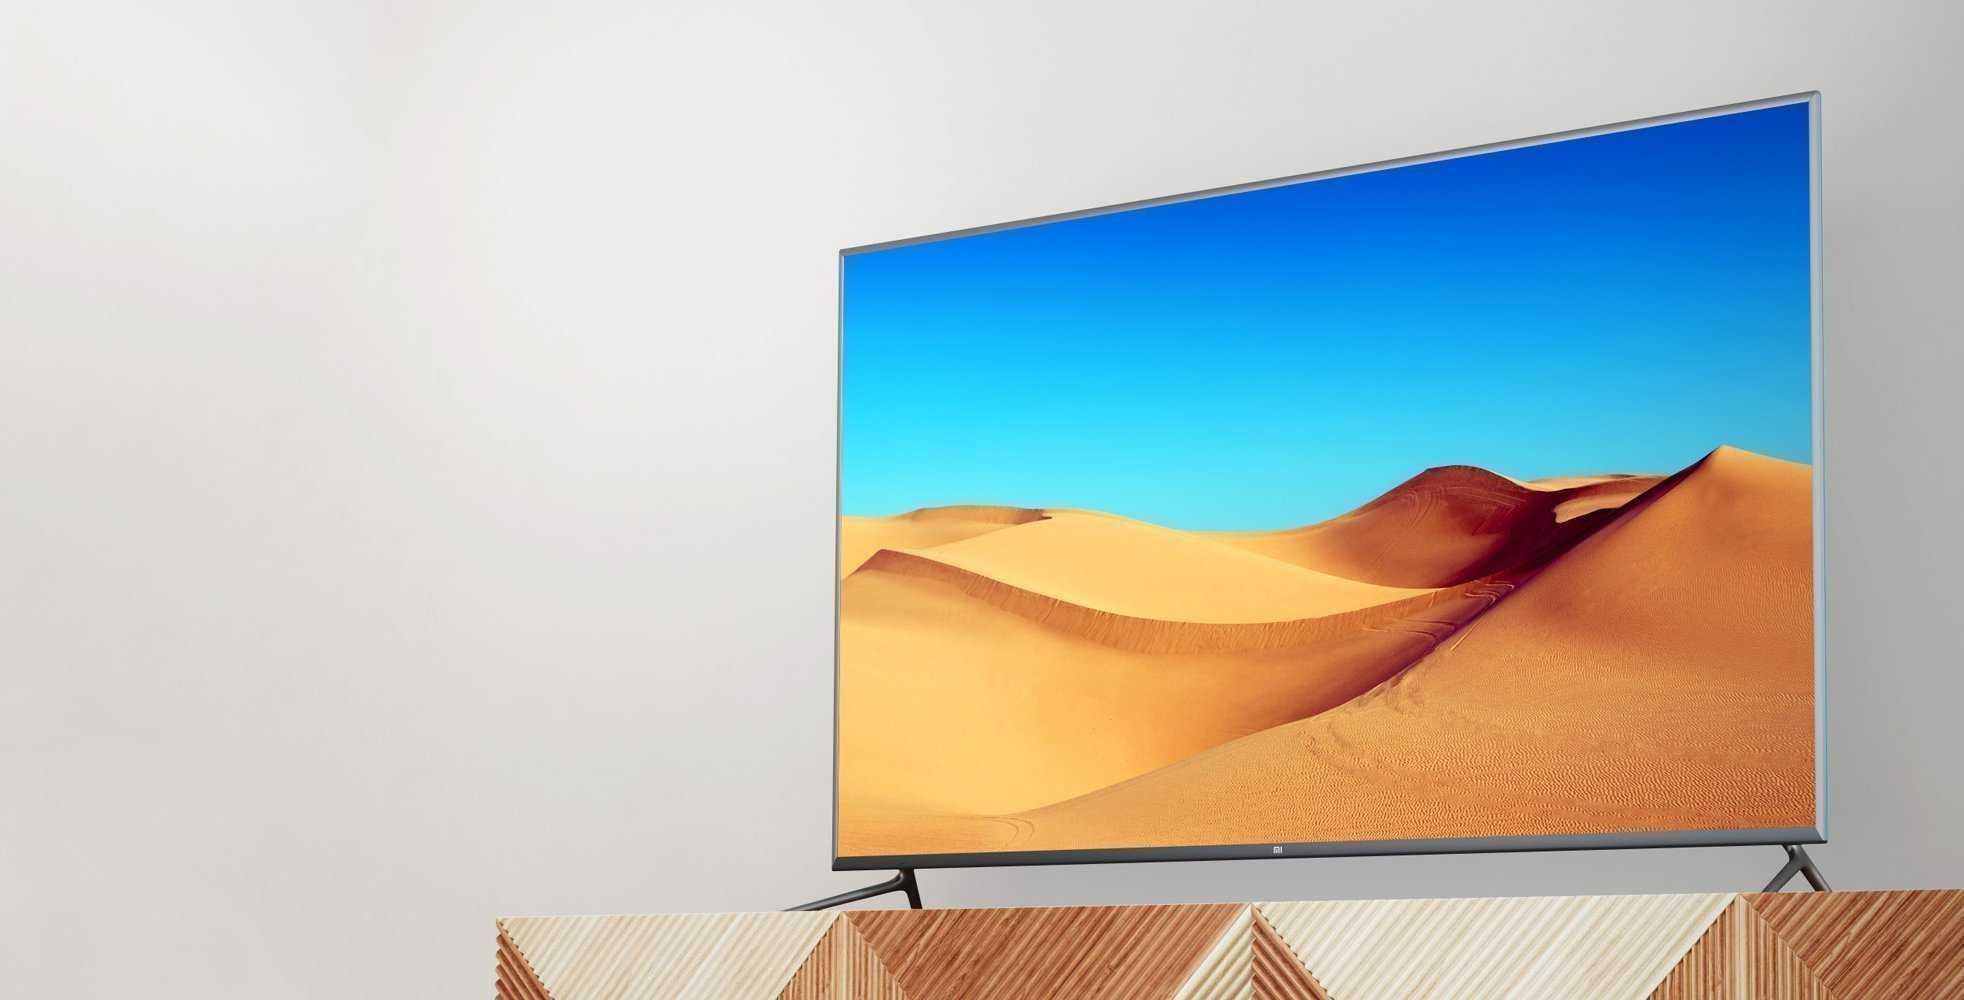 Xiaomi начала продажи в россии дешевых смарт-тв с разрешением 4к - cnews